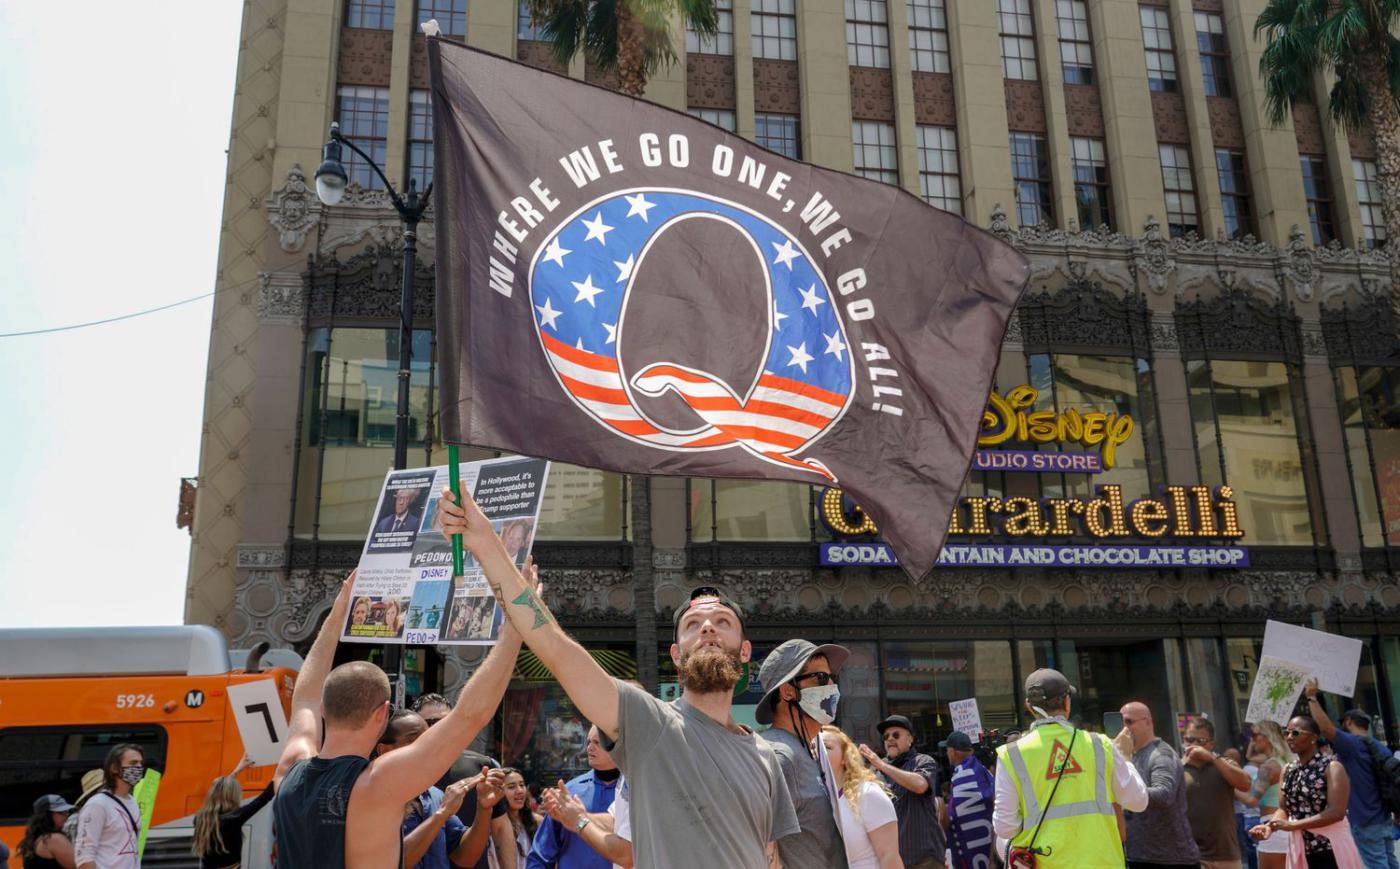 Una protesta del movimiento QAnon en Los Ángeles (California), en agosto pasado.KYLE GRILLOT / AFP